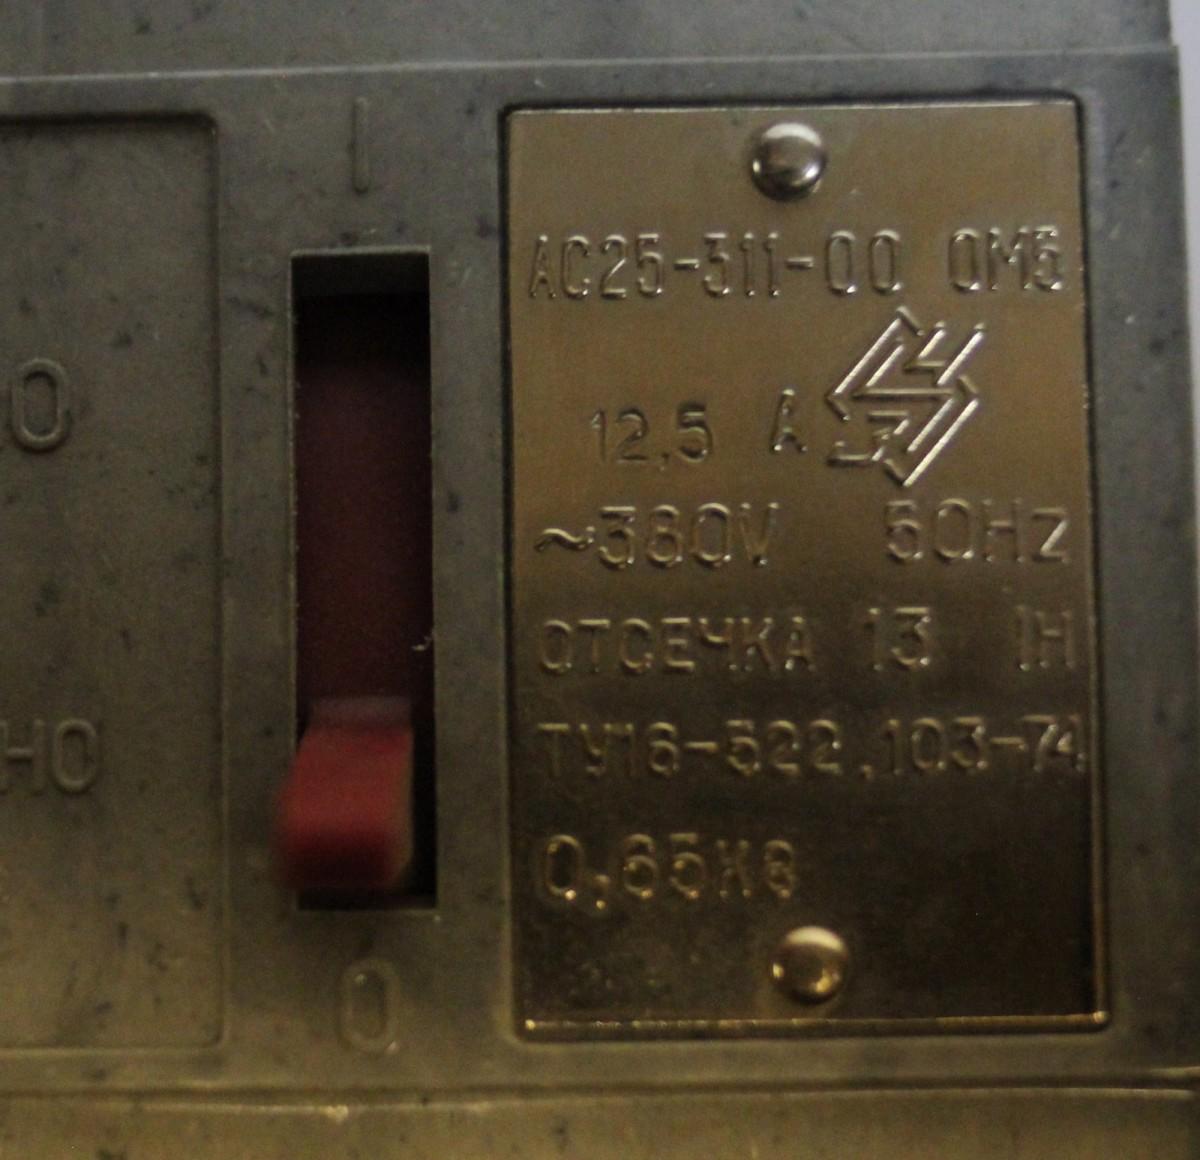 АВТОМАТ АС25-311 380В 12,5А 13IH